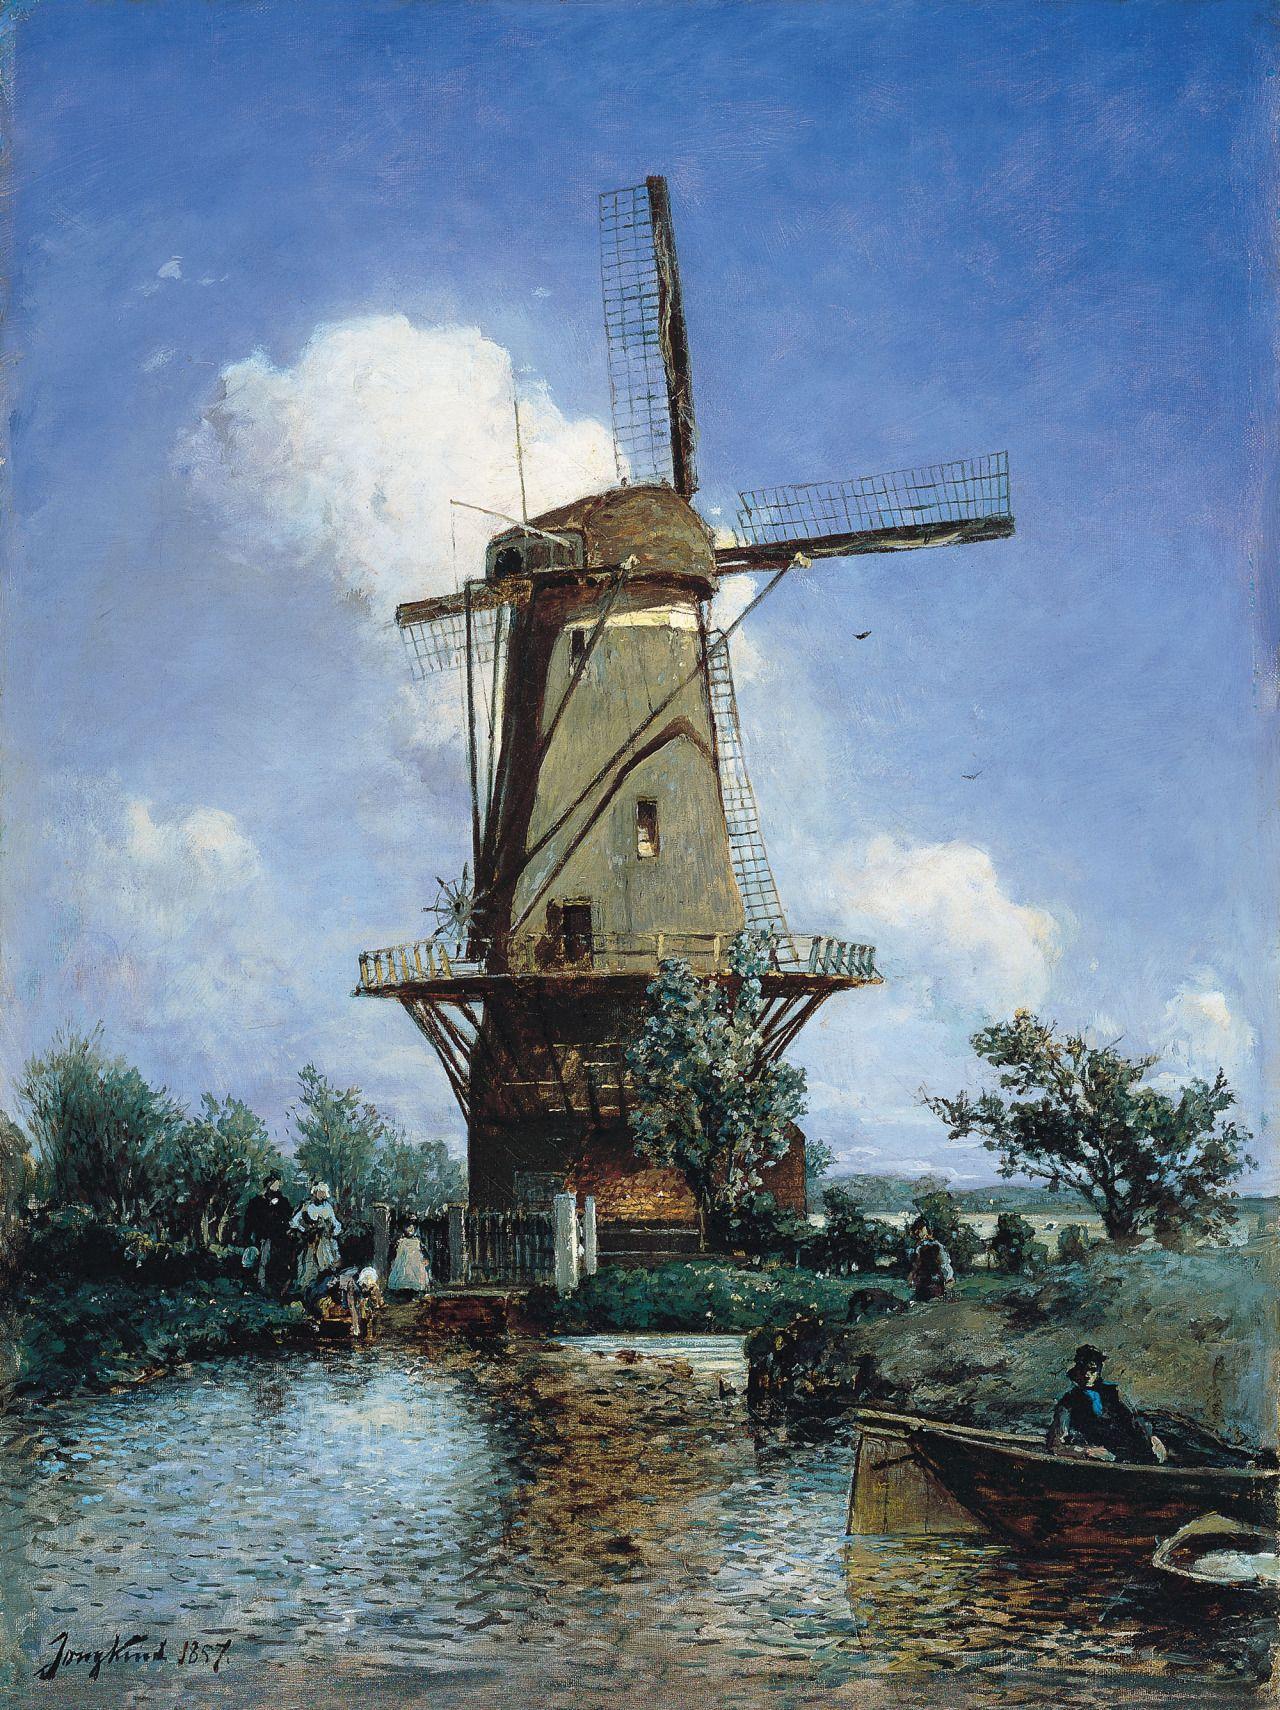 : Johan Barthold Jongkind (1819-1891),Windmill near Delft, 1857